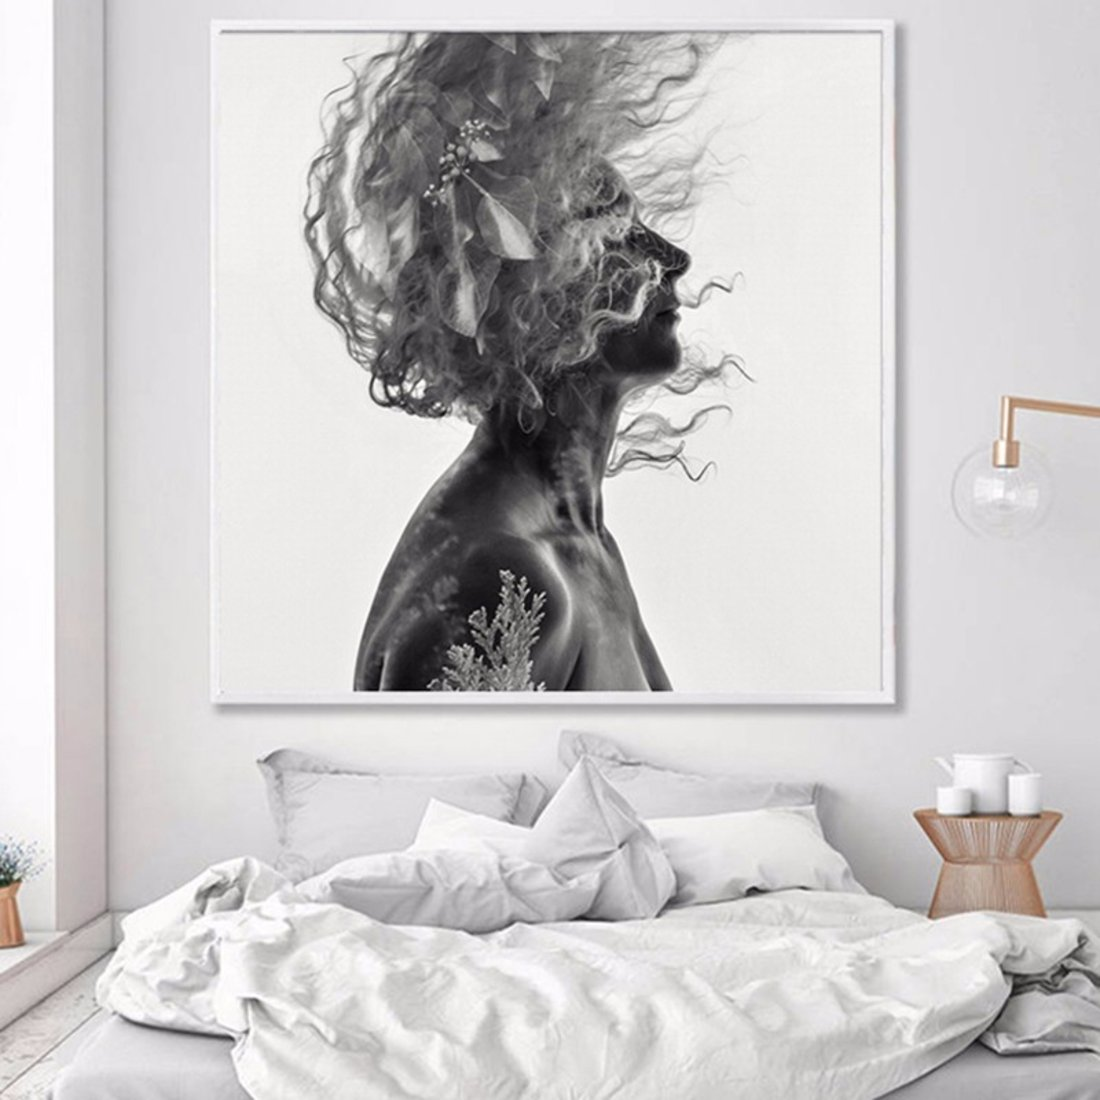 黑白人物装饰画抽象画 现代简约